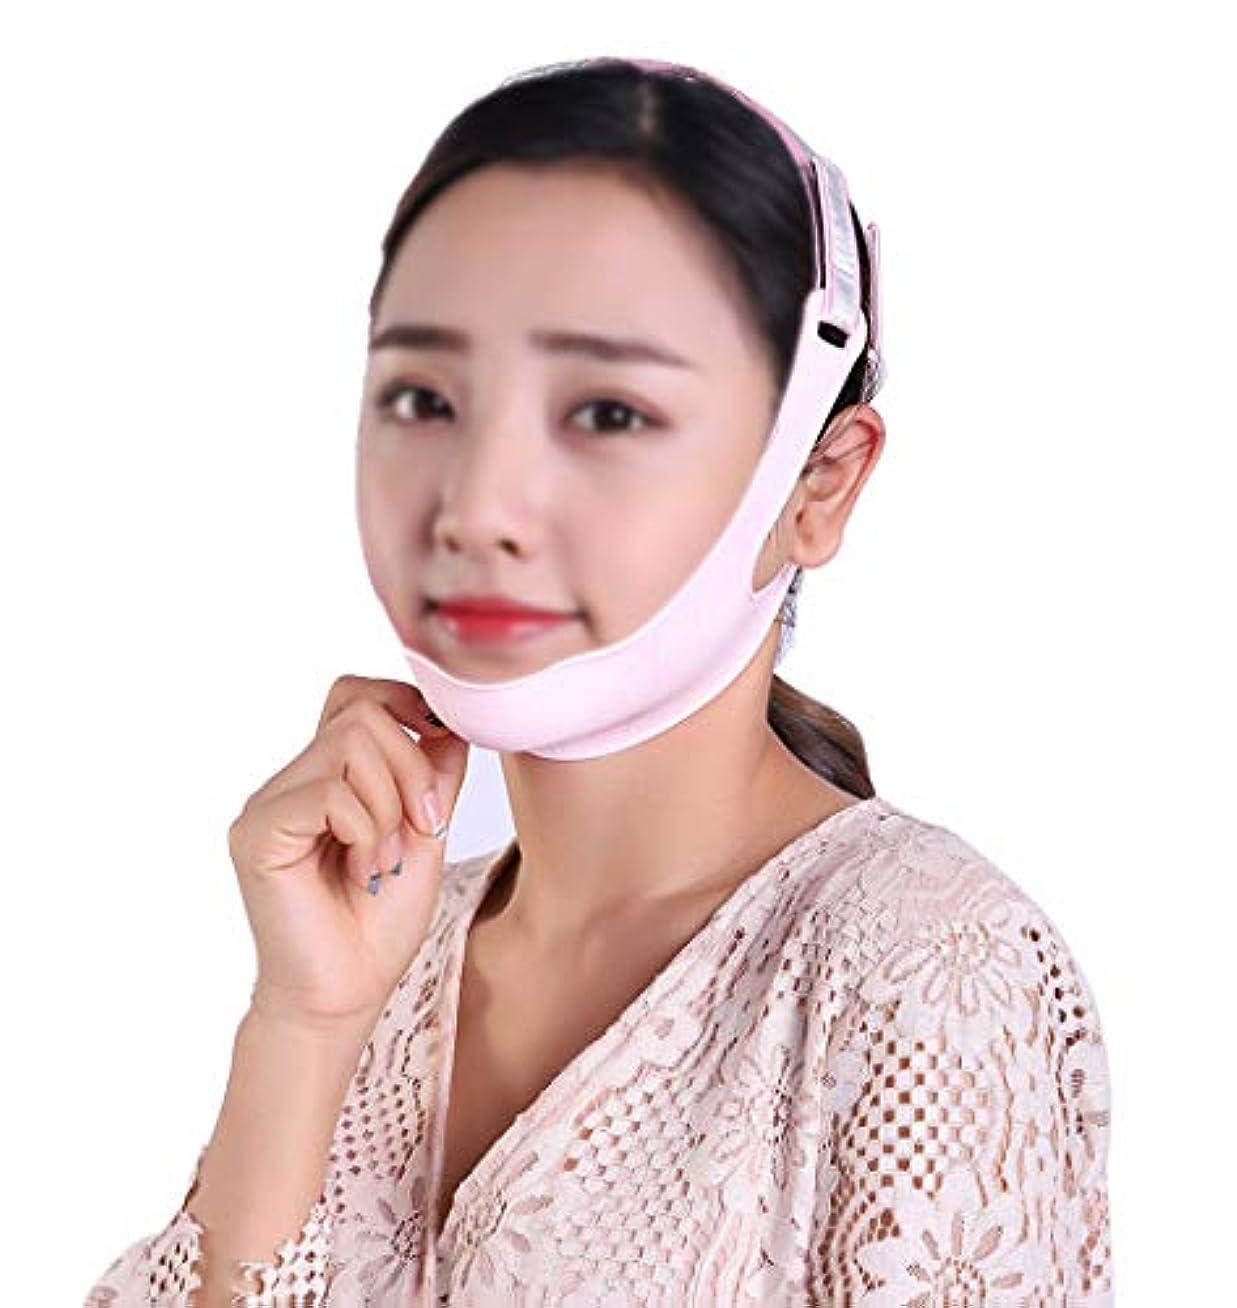 返還れんがオフェンスフェイスリフトマスク、シリコンVフェイスマスクの引き締め、リフティングフェイス、リラクゼーションフェイスとネックリフトのバンデージスモールVフェイスアーチファクト防止 (Size : L)